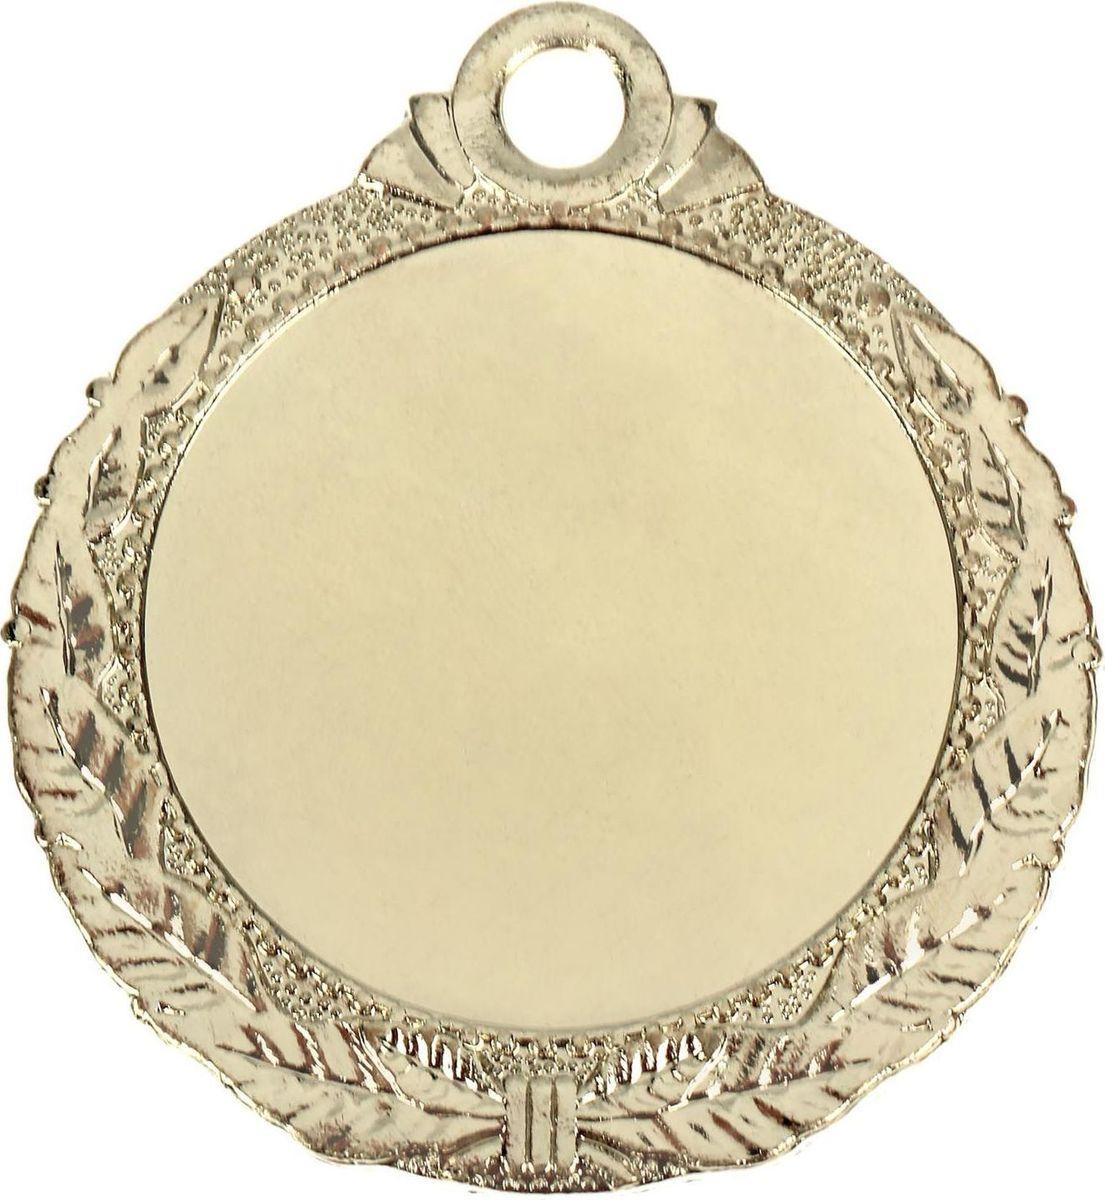 Медаль сувенирная с местом для гравировки, цвет: золотистый, диаметр 4 см. 0521466925Невозможно представить нашу жизнь без праздников! Мы всегда ждём их и предвкушаем, обдумываем, как проведём памятный день, тщательно выбираем подарки и аксессуары, ведь именно они создают и поддерживают торжественный настрой. Это отличный выбор, который привнесёт атмосферу праздника в ваш дом!